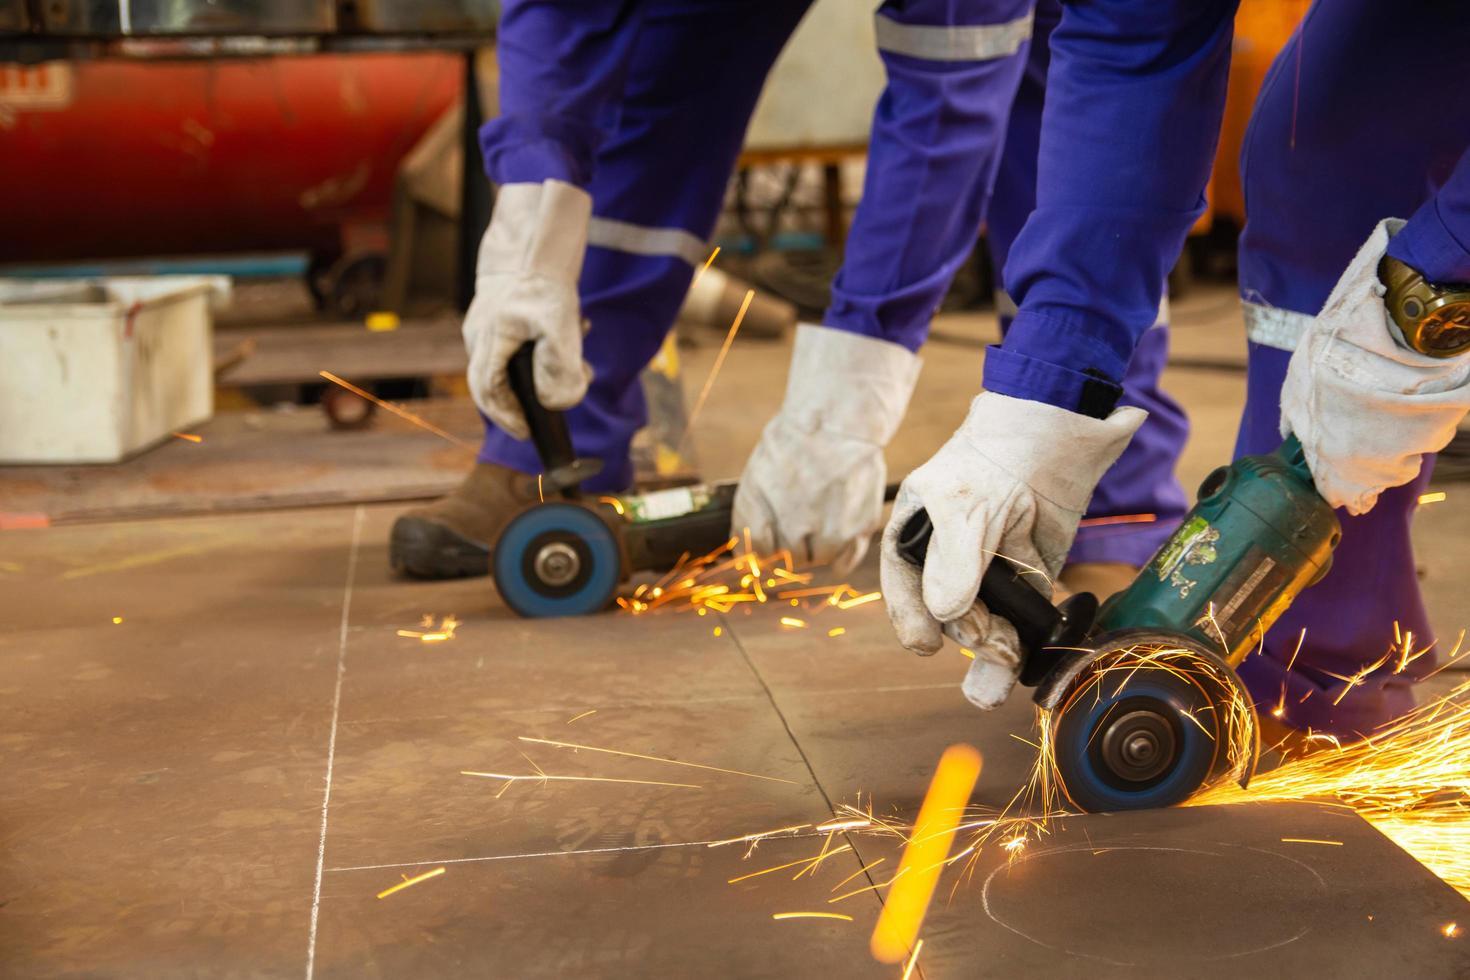 twee arbeiders snijden metalen platen met een elektrische slijpmachine foto